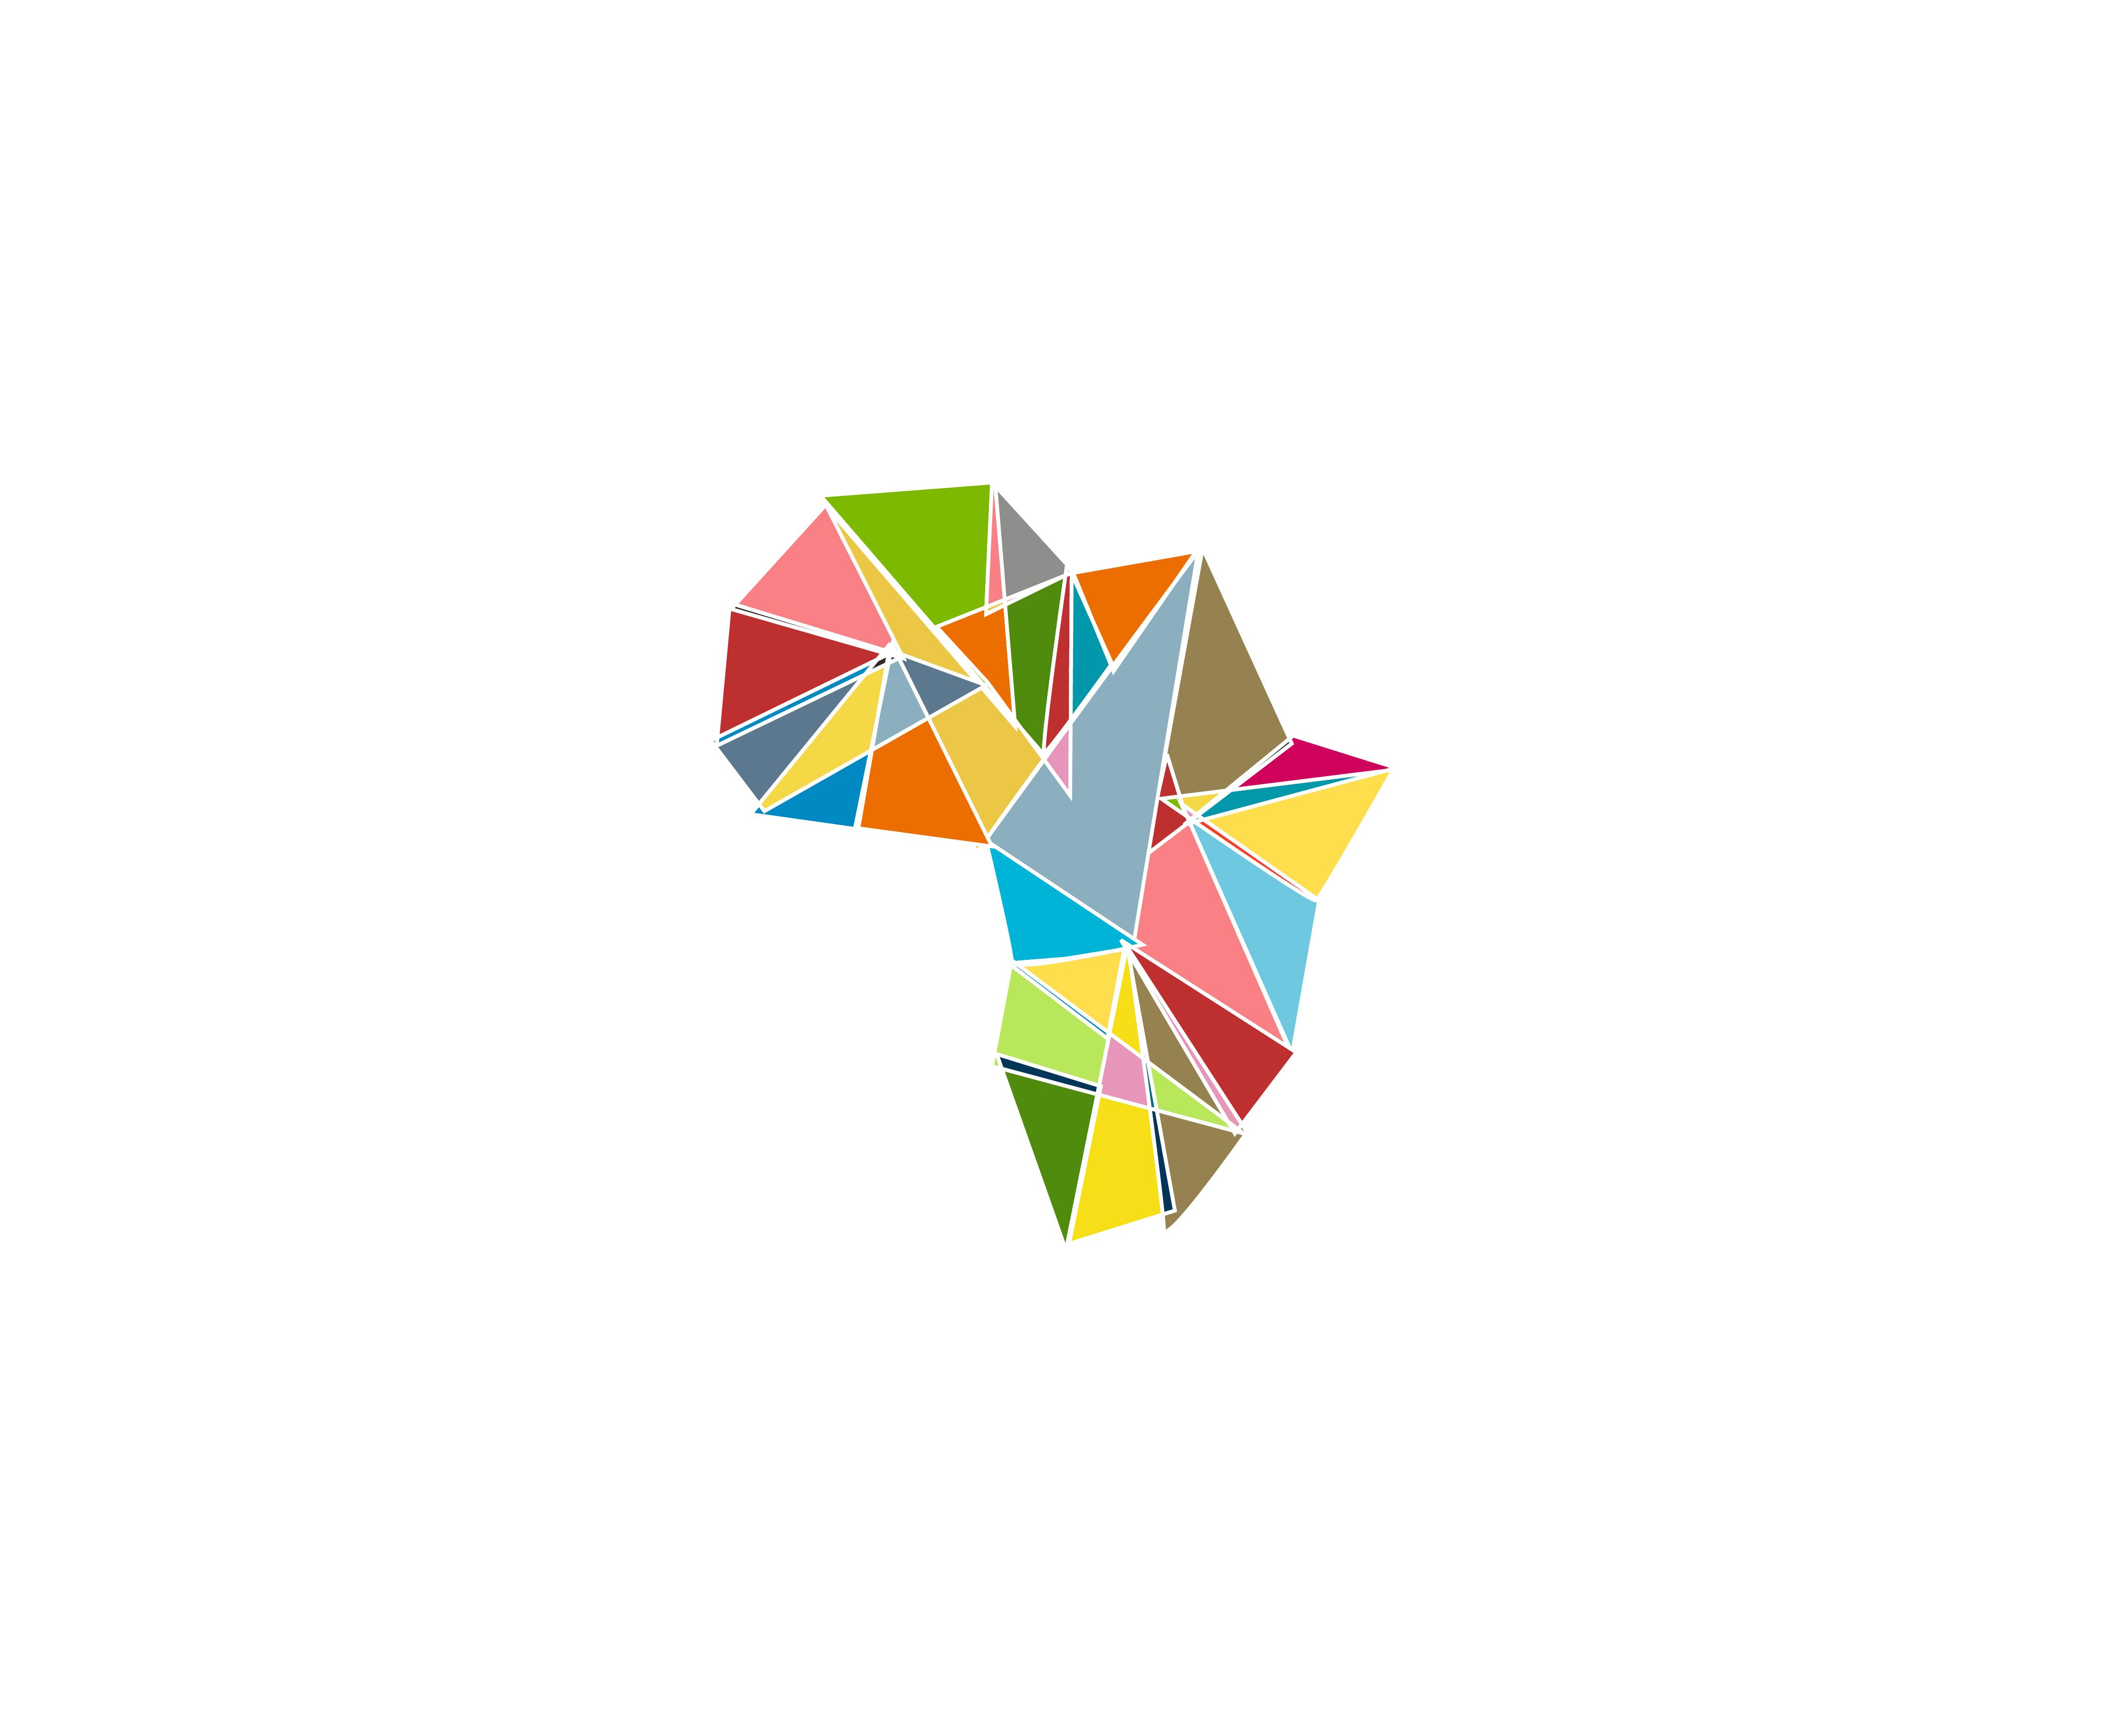 logos-for-sale-agent-orange-design-africa-shatterred-glass.jpg